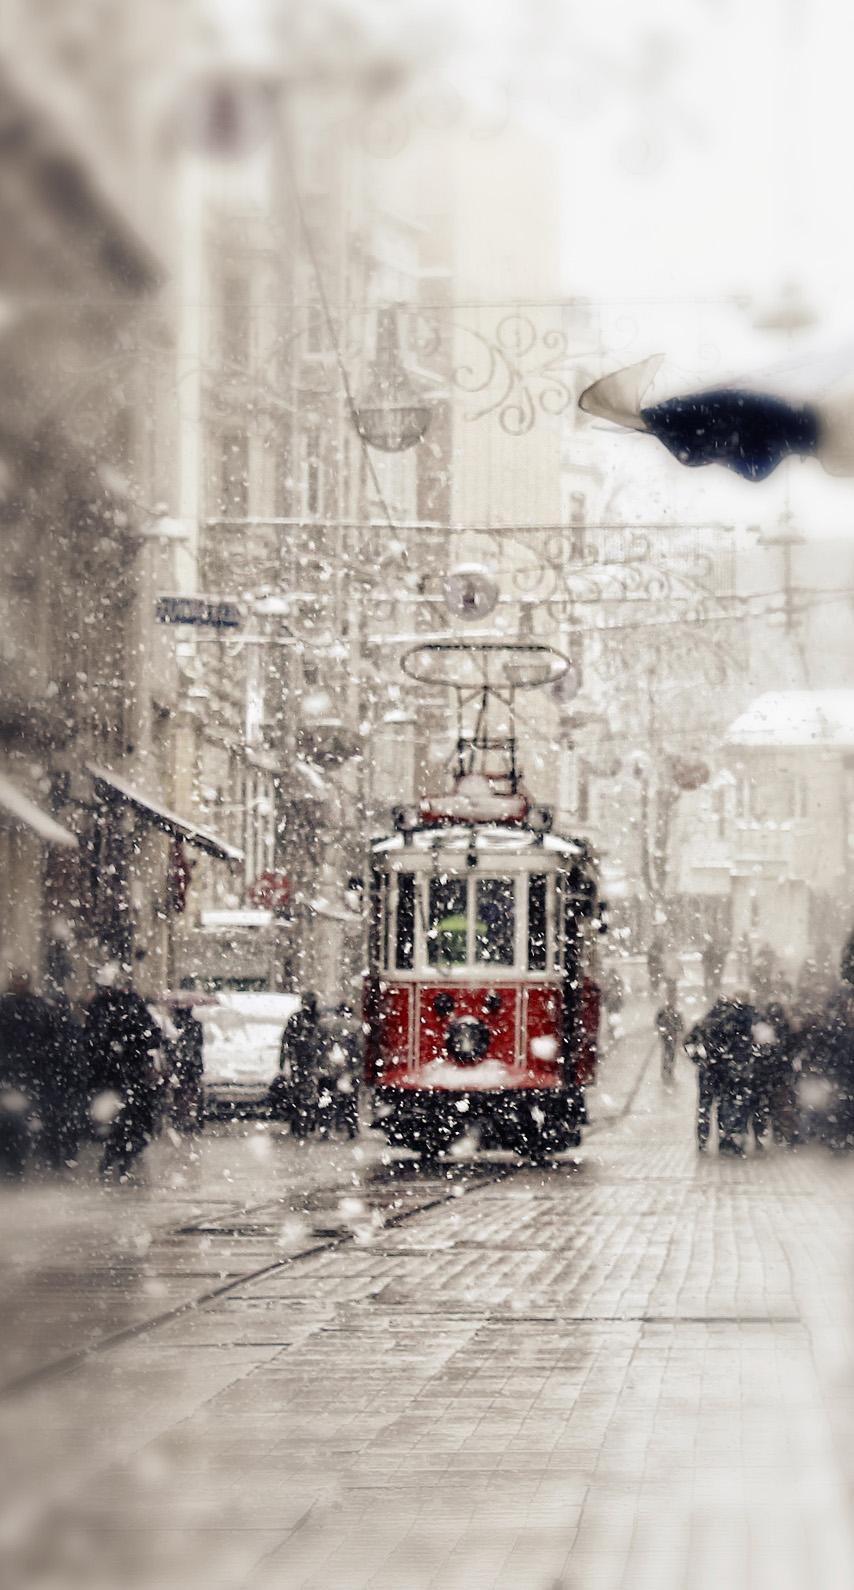 tramway, commuter